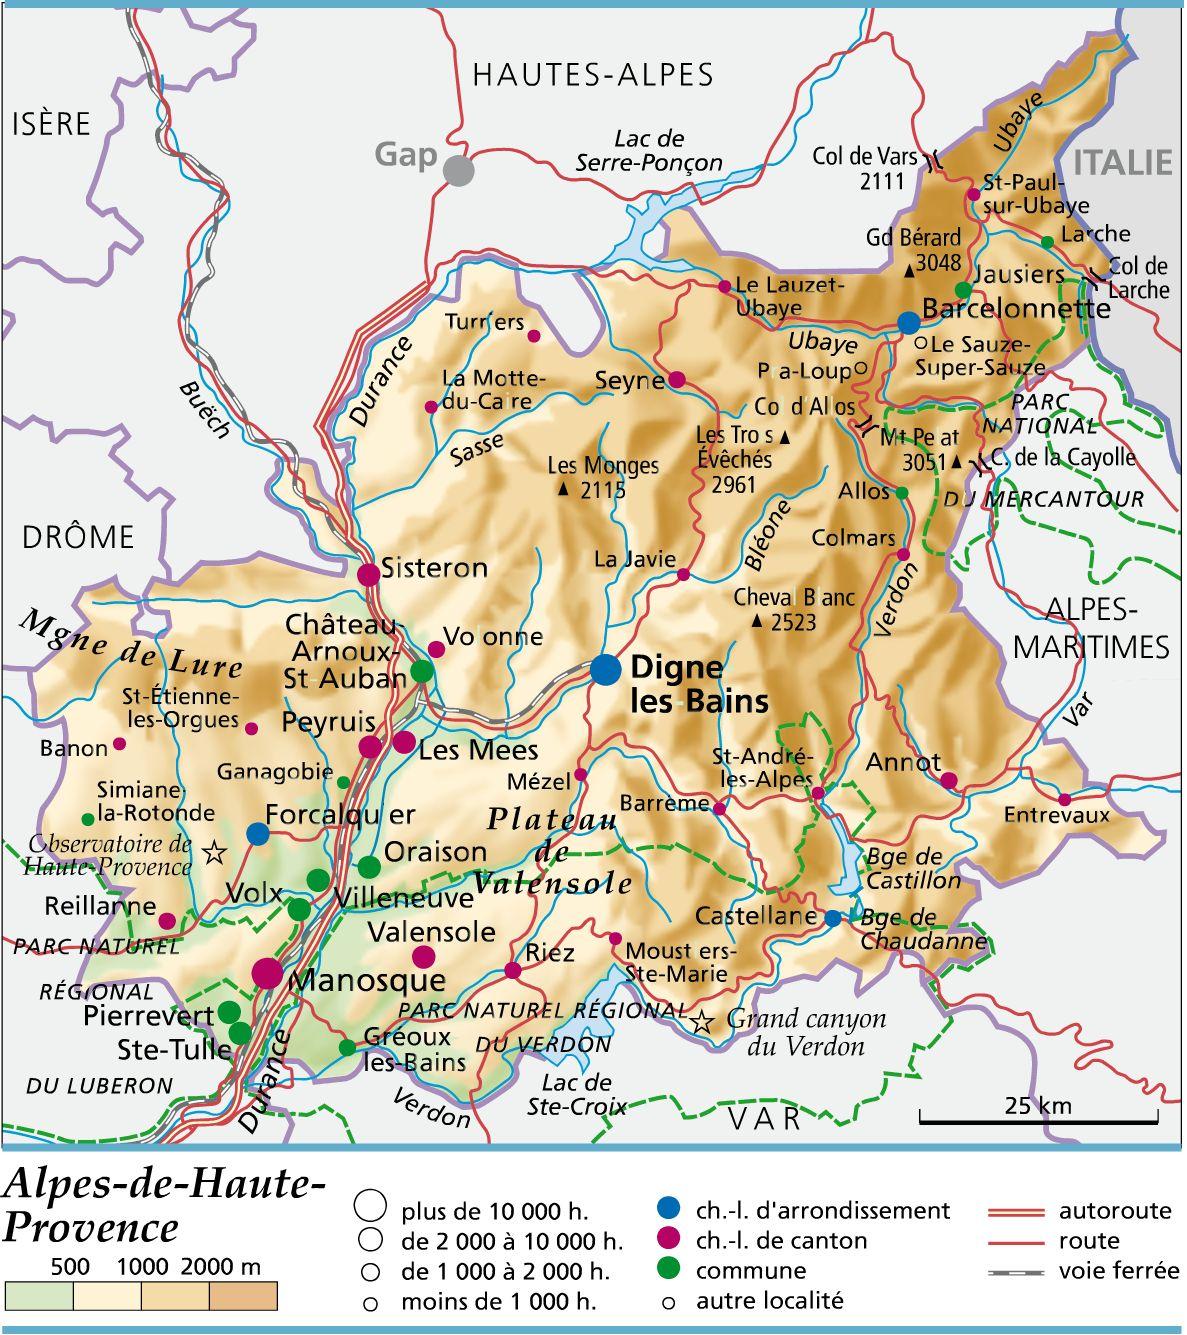 carte departement 04 - Image